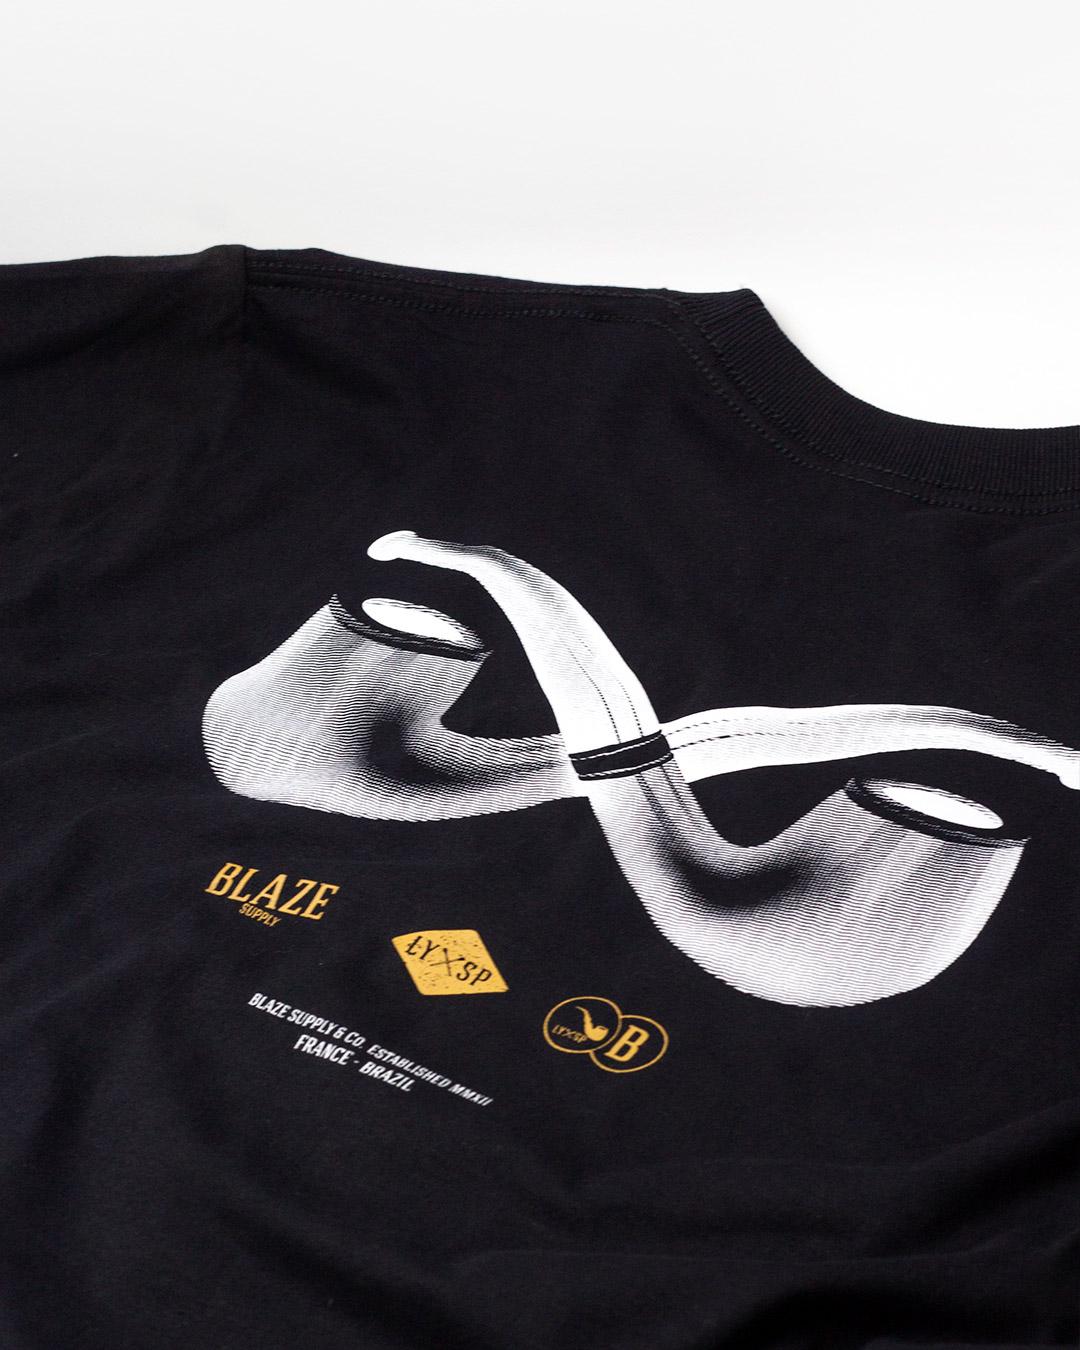 Camiseta Double Pipe Black Blaze Supply